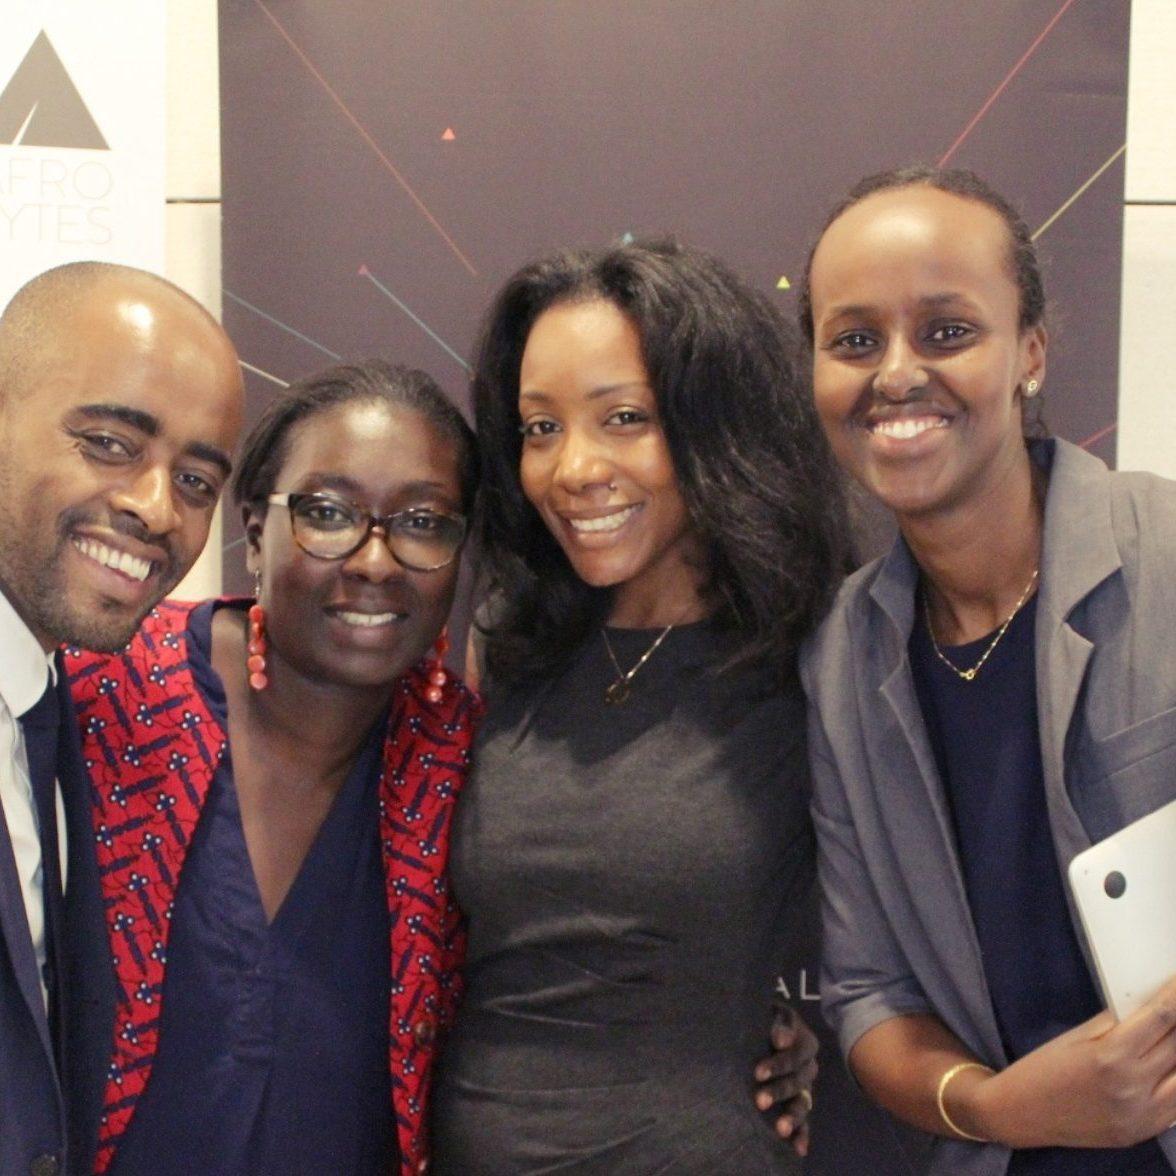 L'équipe Afrobytes